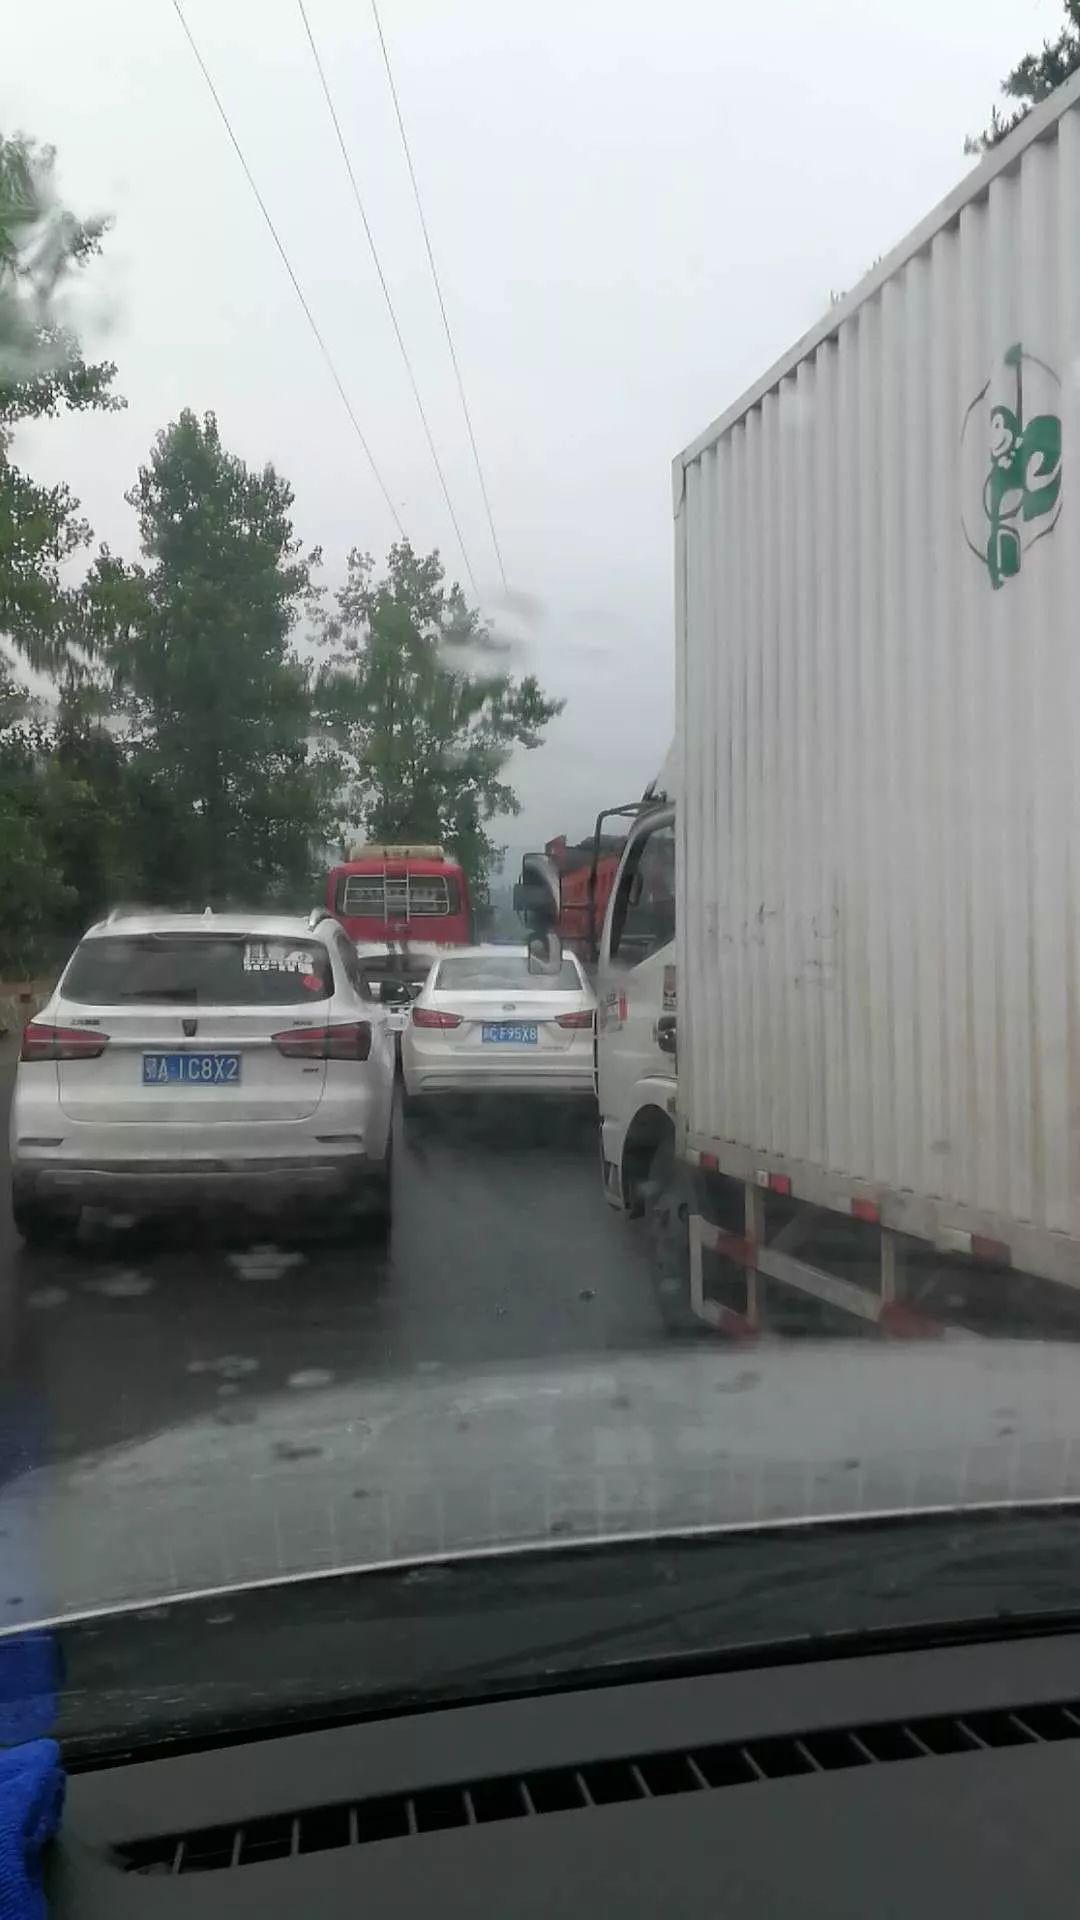 今天上午11点13分左右,浠水县绿杨乡查儿山发生车祸事故,目前死亡一人,其他受伤人员还在抢救中